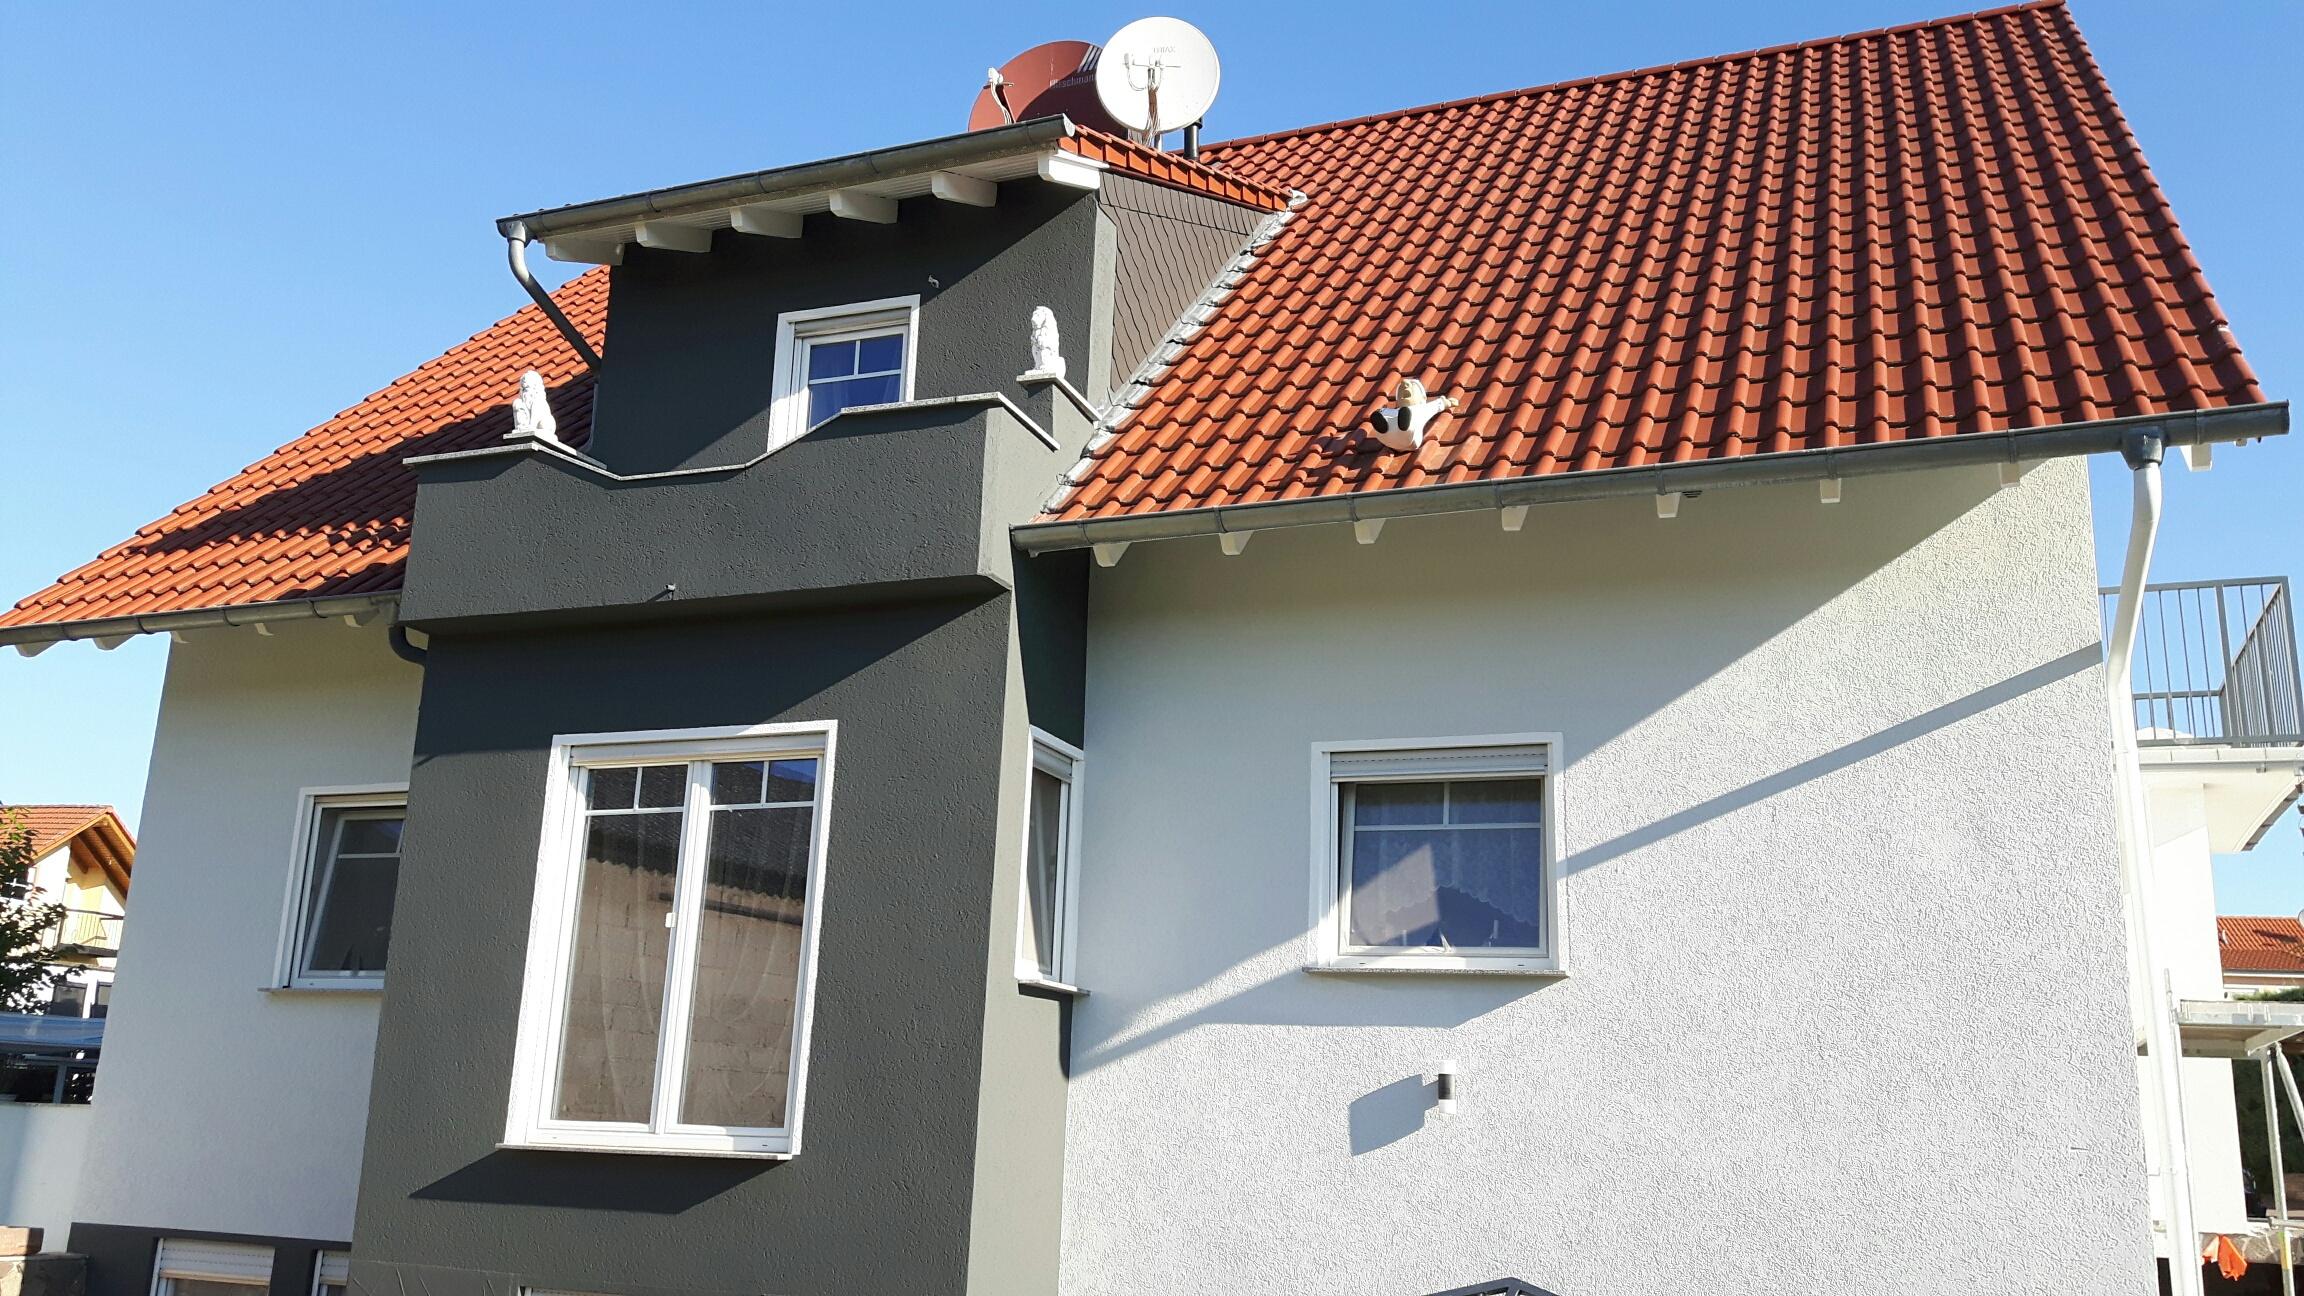 Renovierung der Fassade eines Hauses